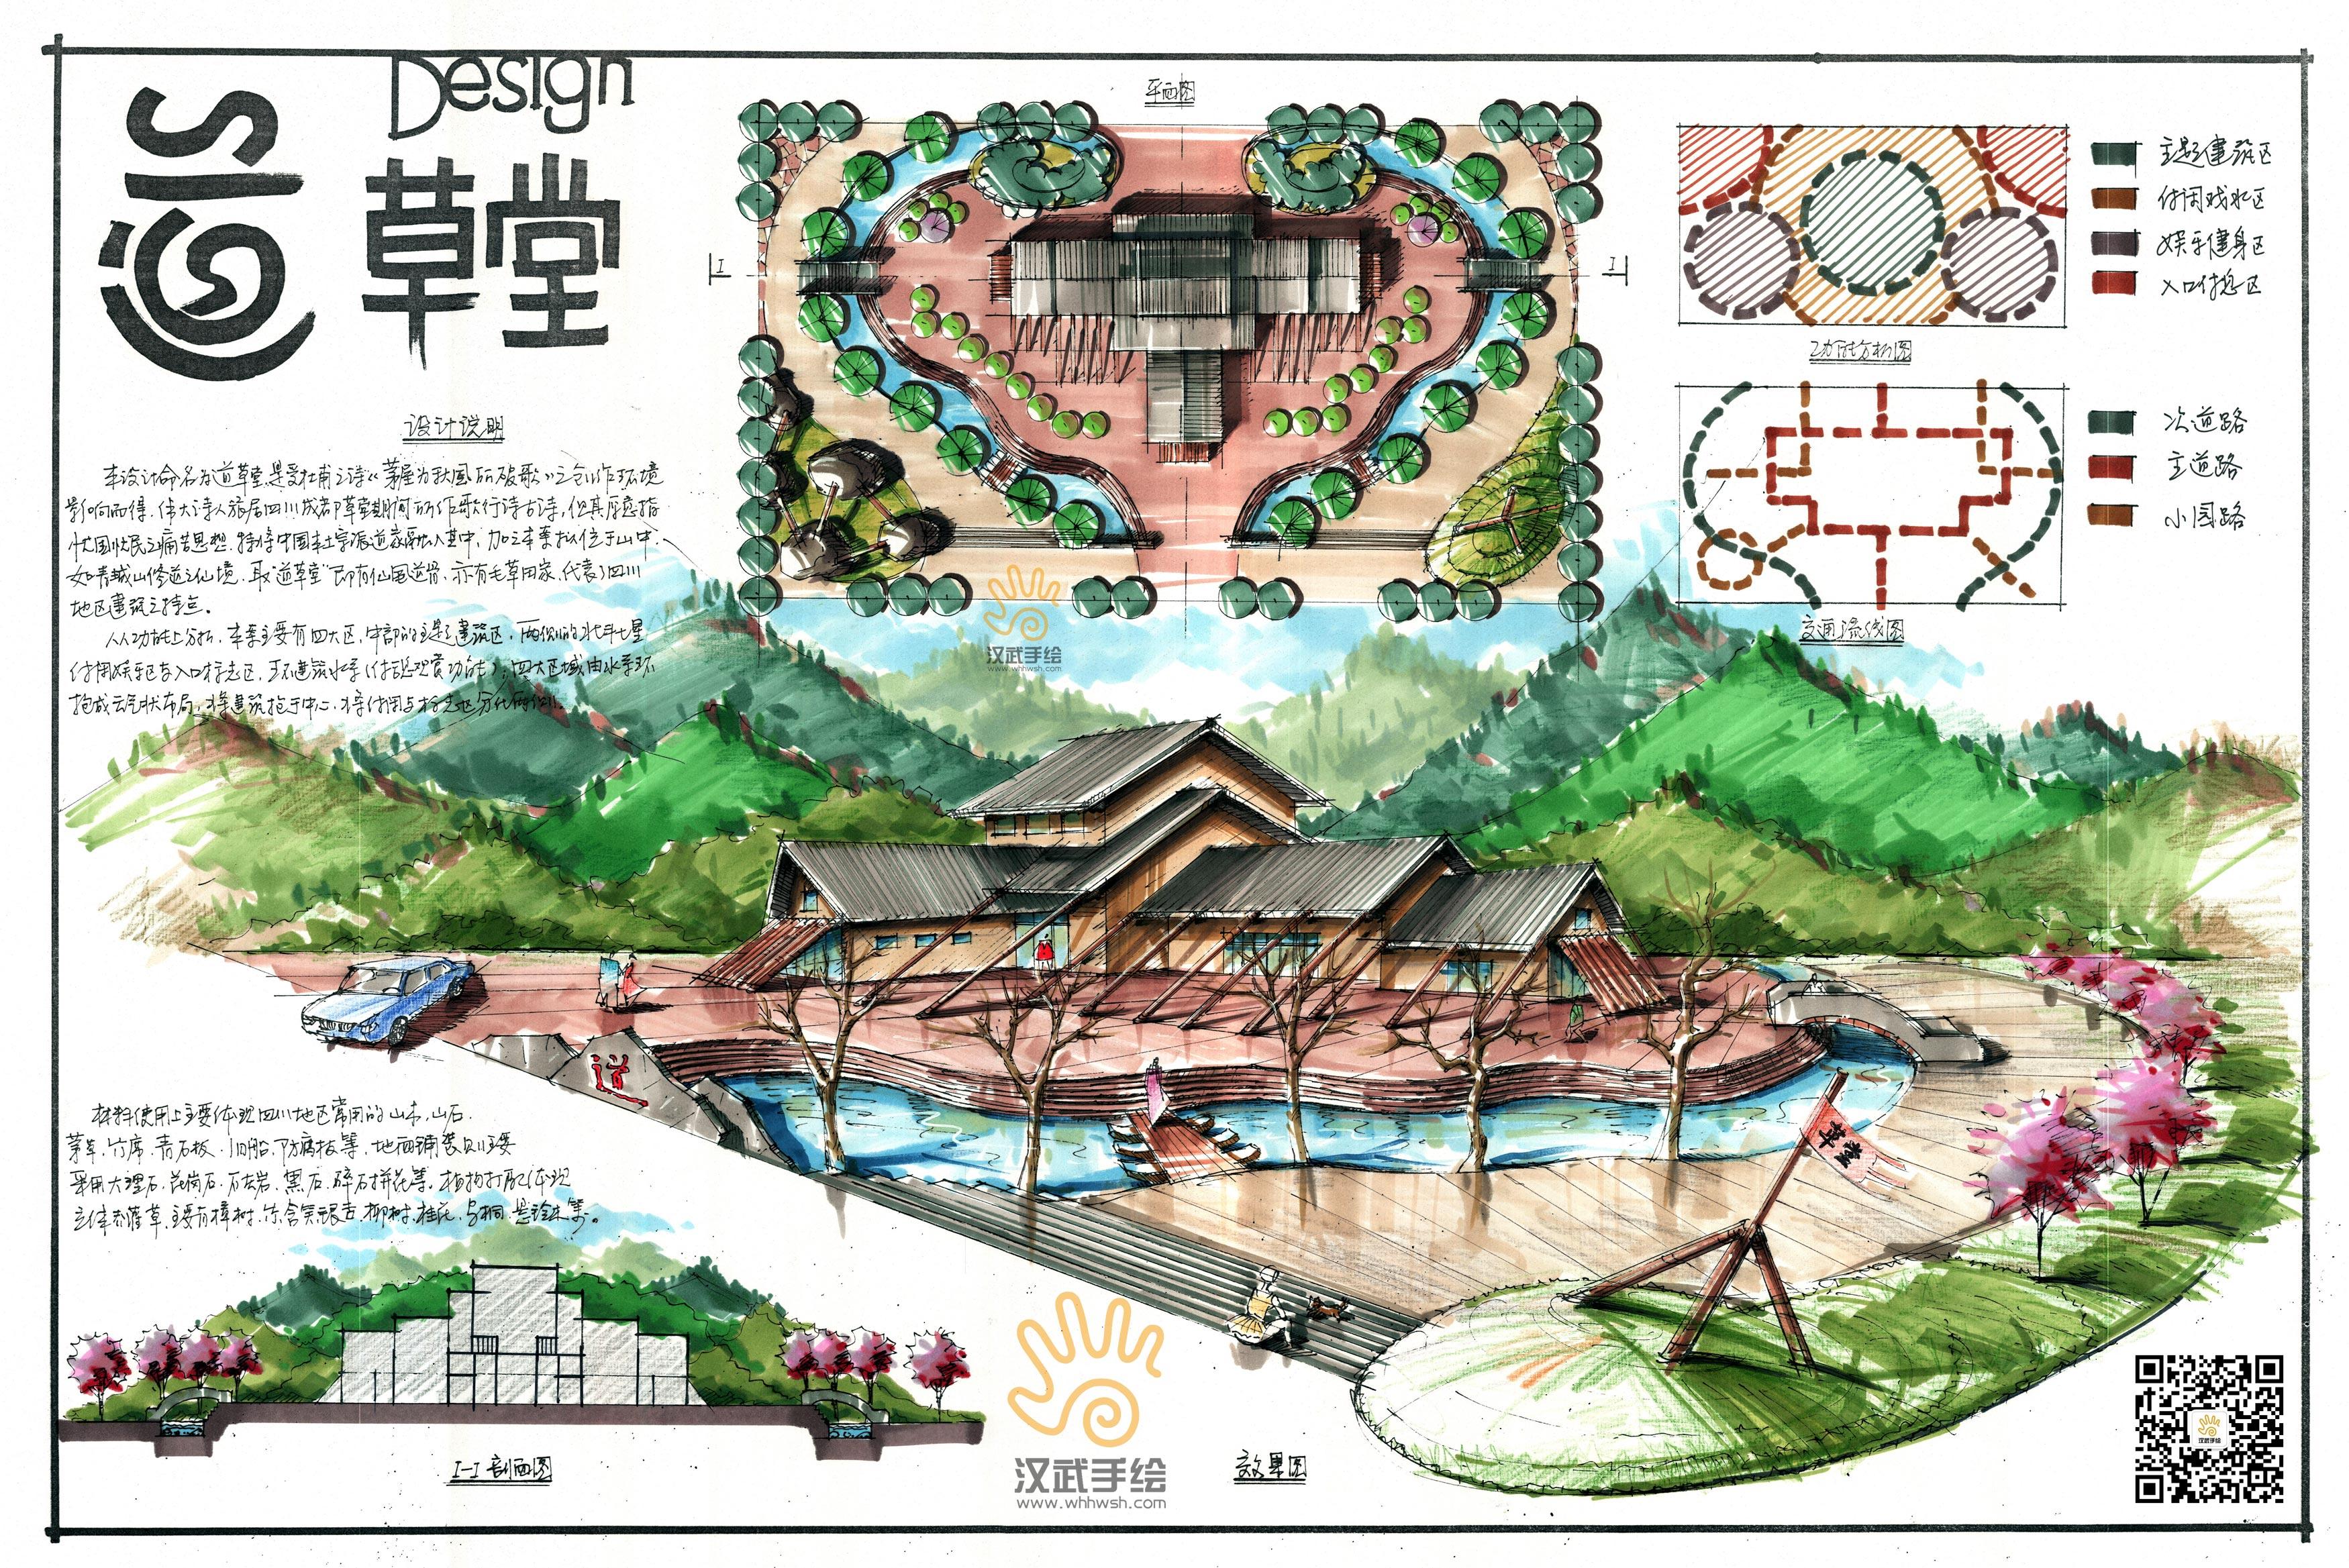 景观建筑手绘快题模版发布